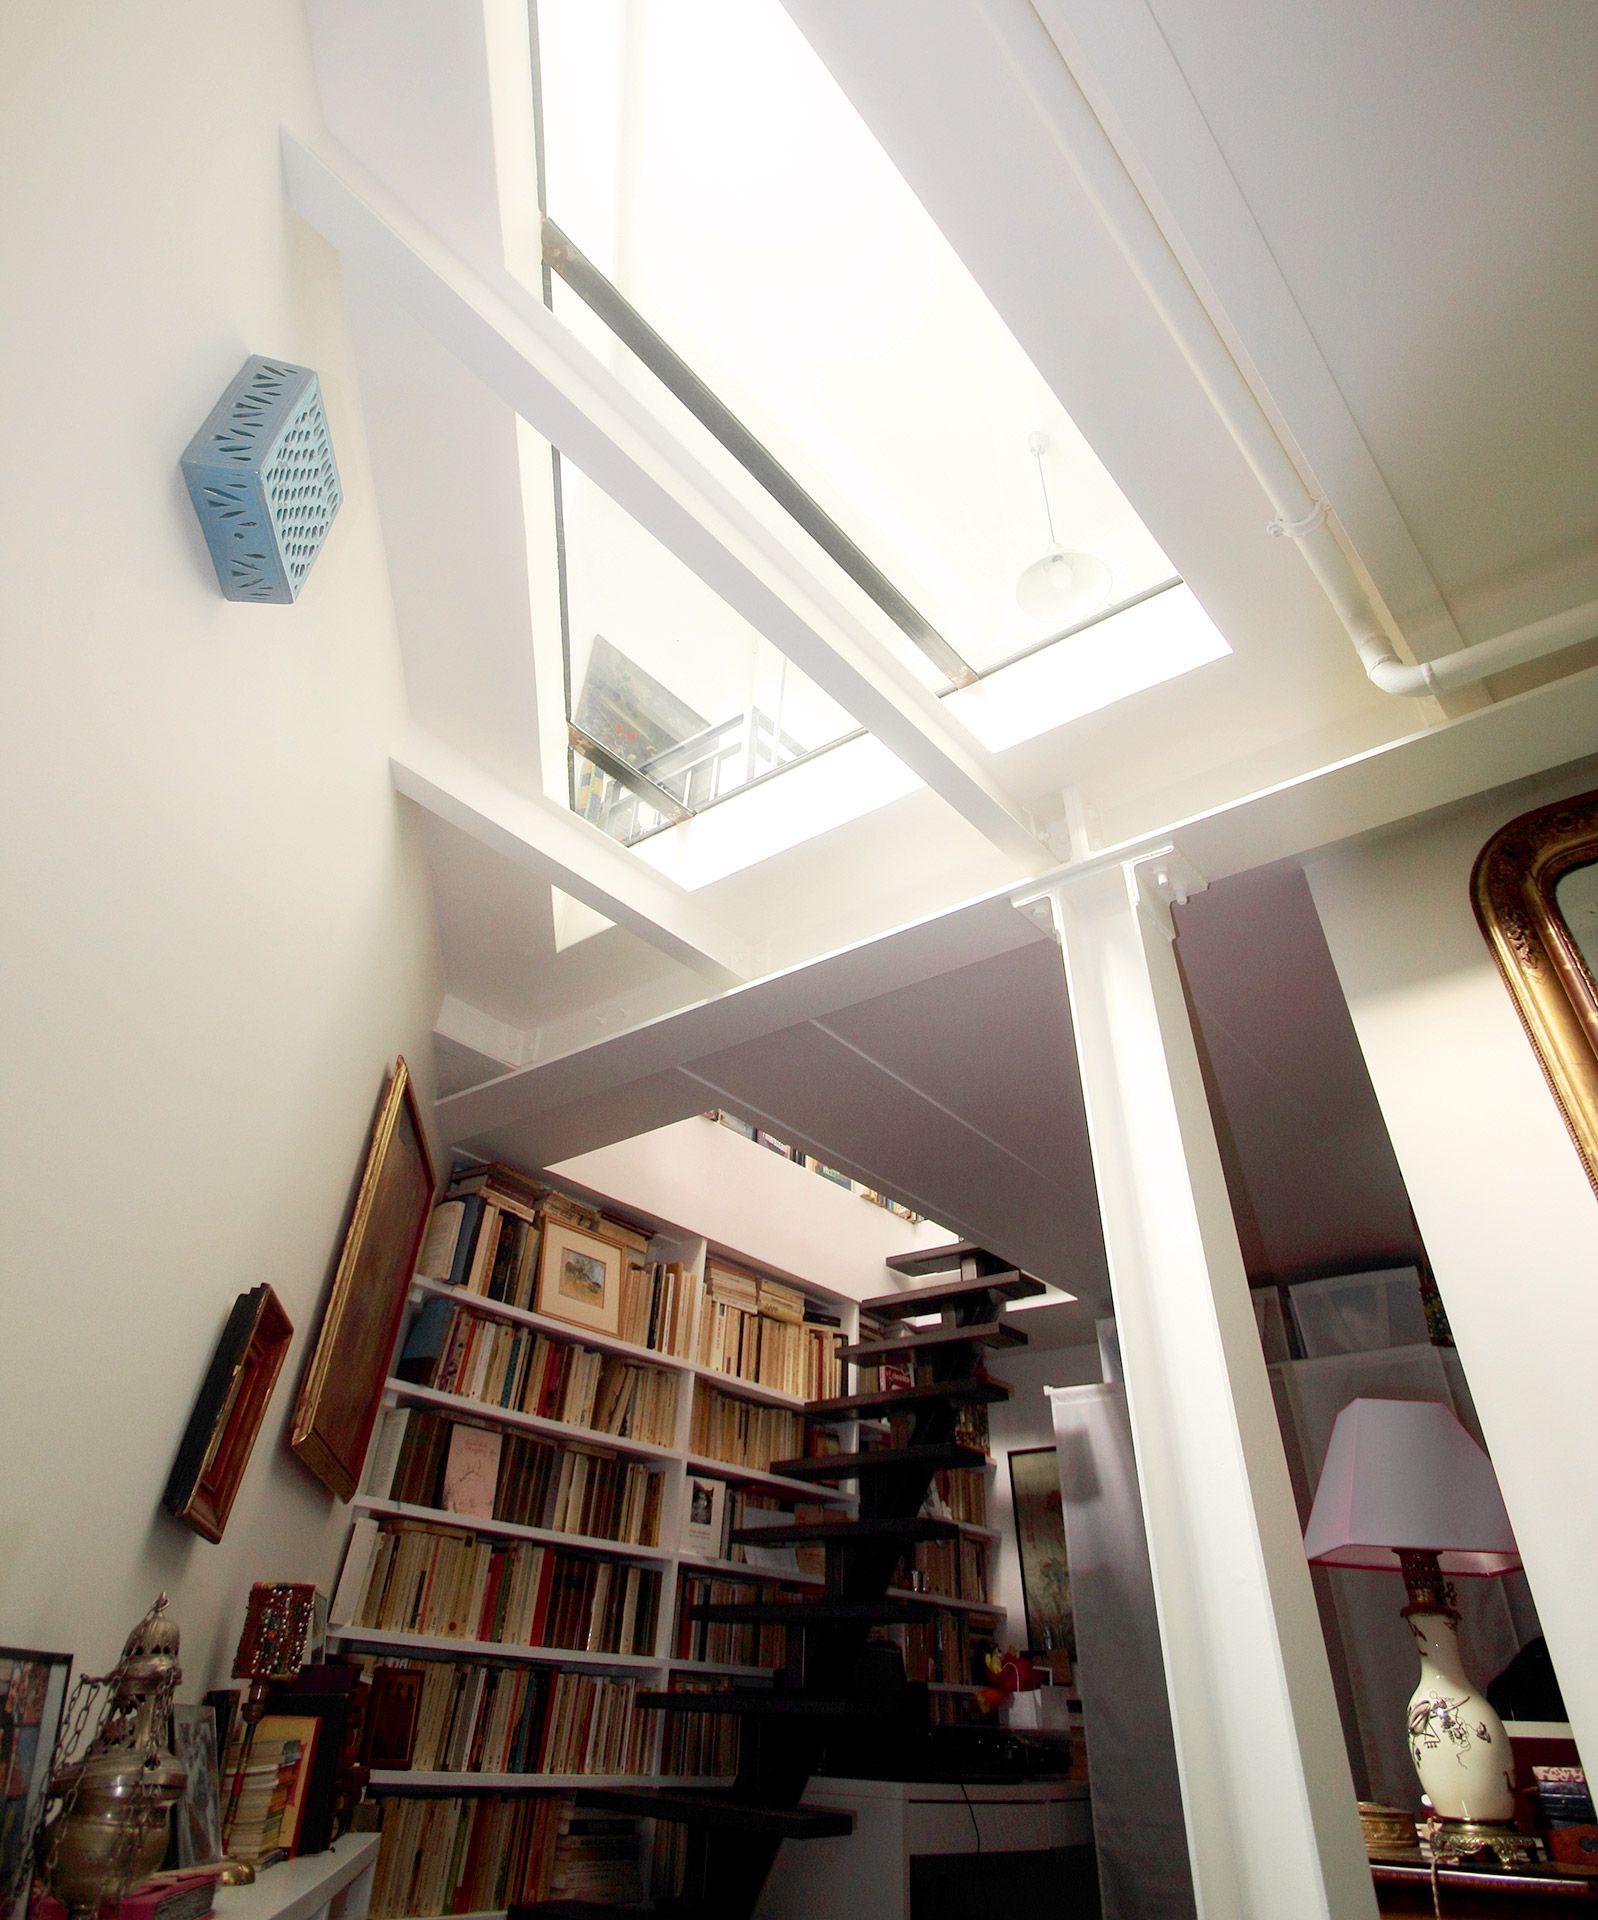 agence avous architecte boutique paperdolls paris agence avous maison avec salle spa cin ma. Black Bedroom Furniture Sets. Home Design Ideas